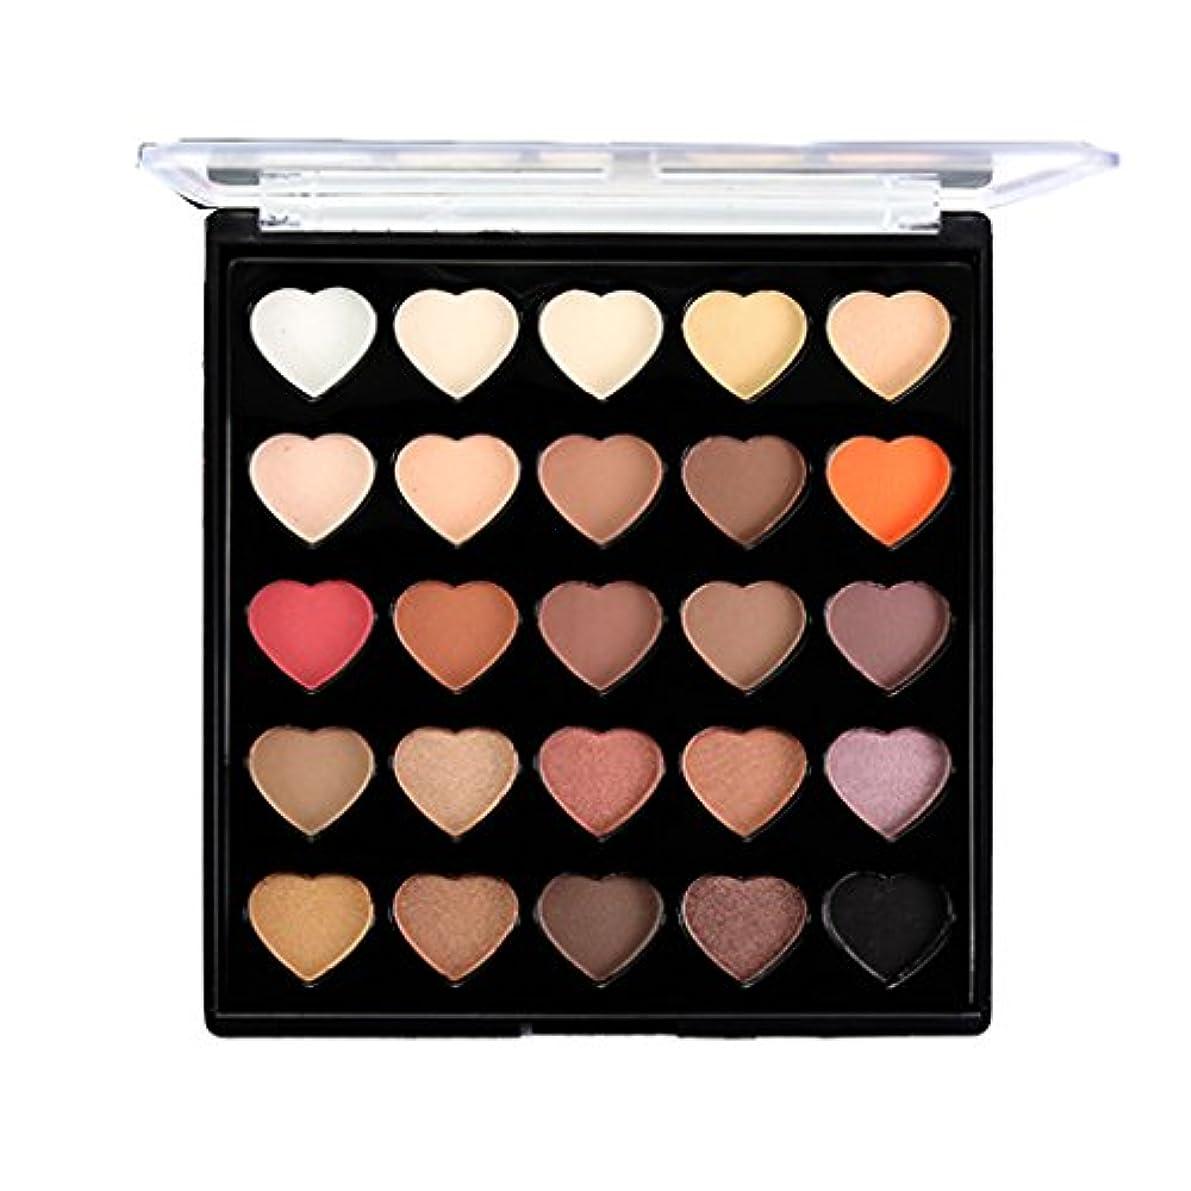 ブローホールあいにく厄介なアイシャドウ パレット 25色 化粧パレット メイクアップ アイメイク 全2種類 - #1